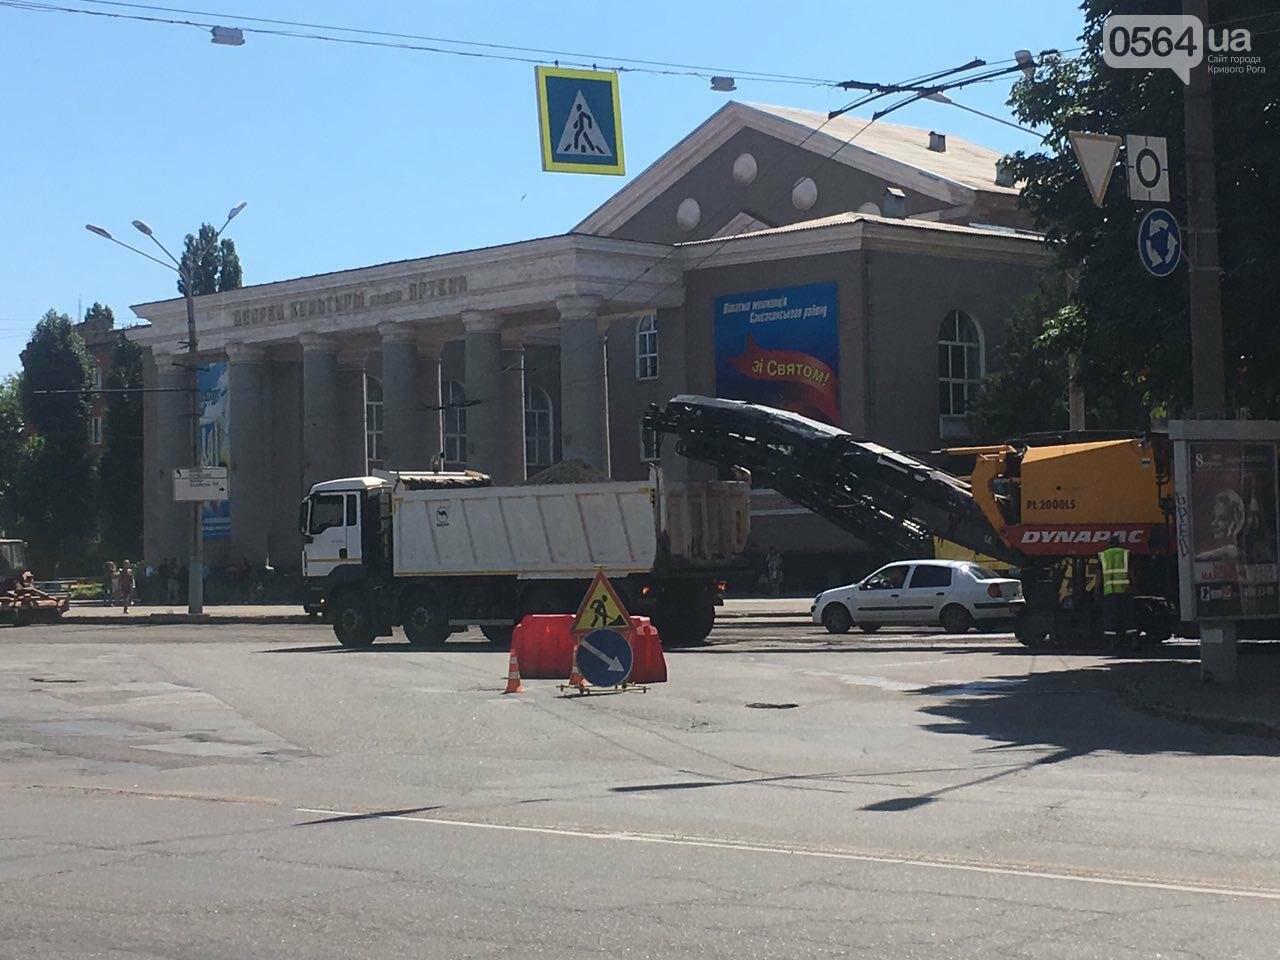 В Кривом Роге готовят площадь для установки памятника Киевскому князю Владимиру Великому, - ФОТО, фото-2